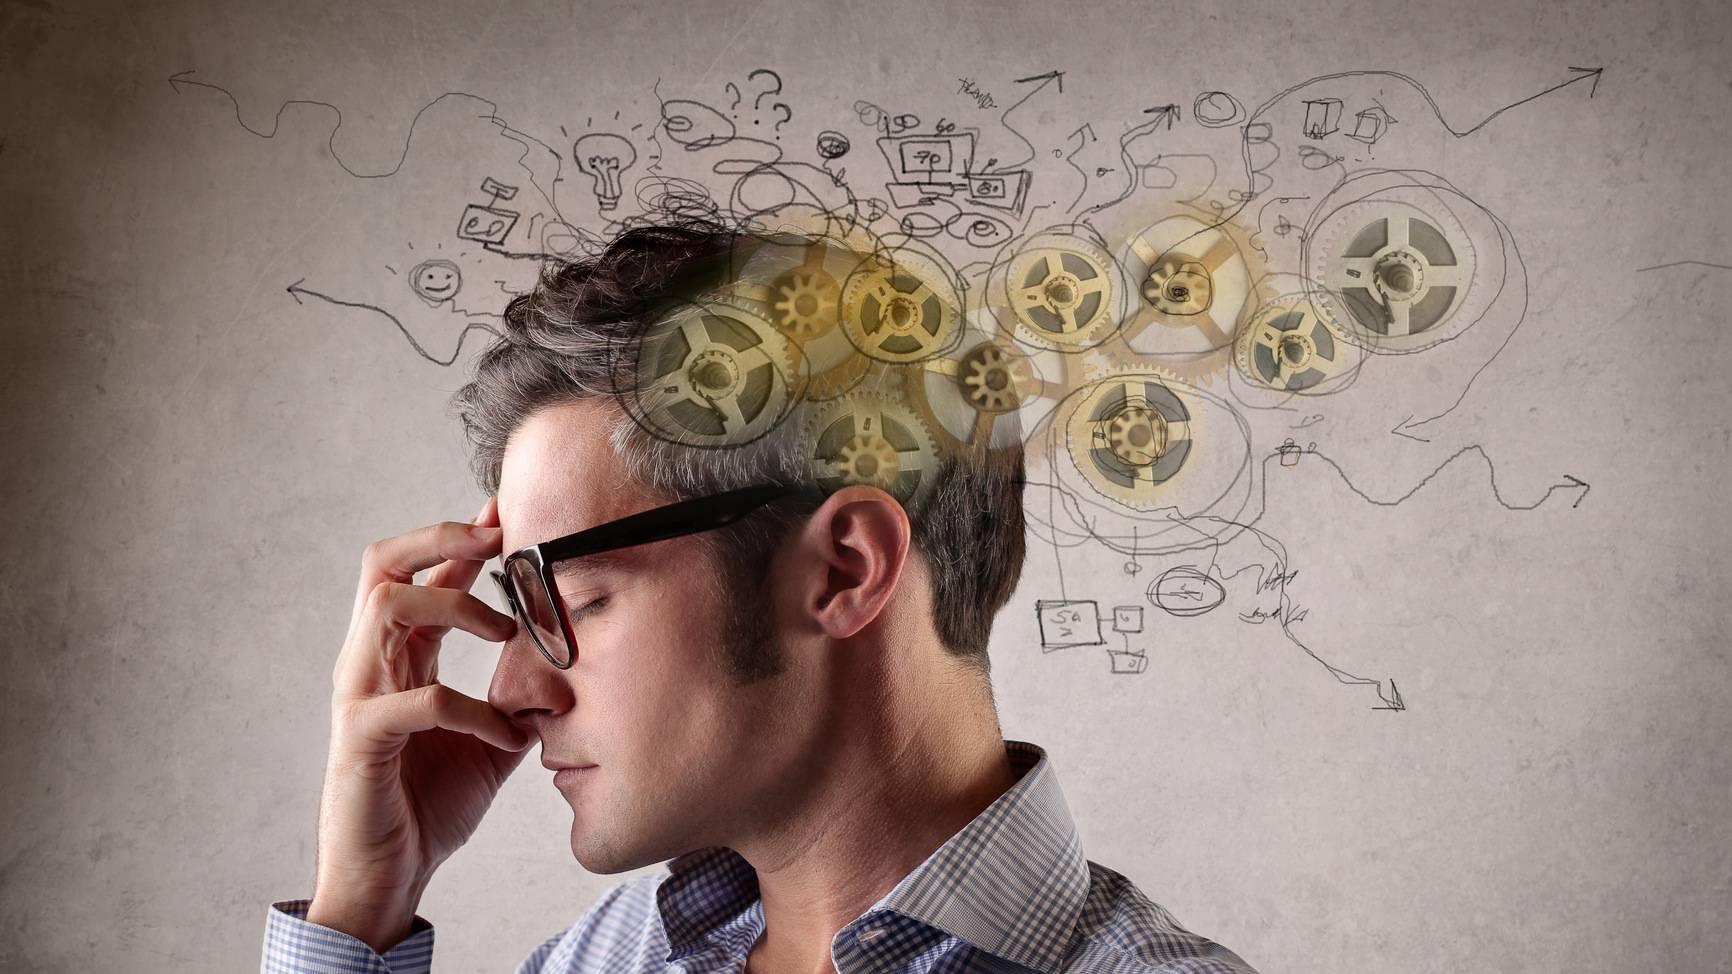 Anxiété sociale et rencontres en ligne